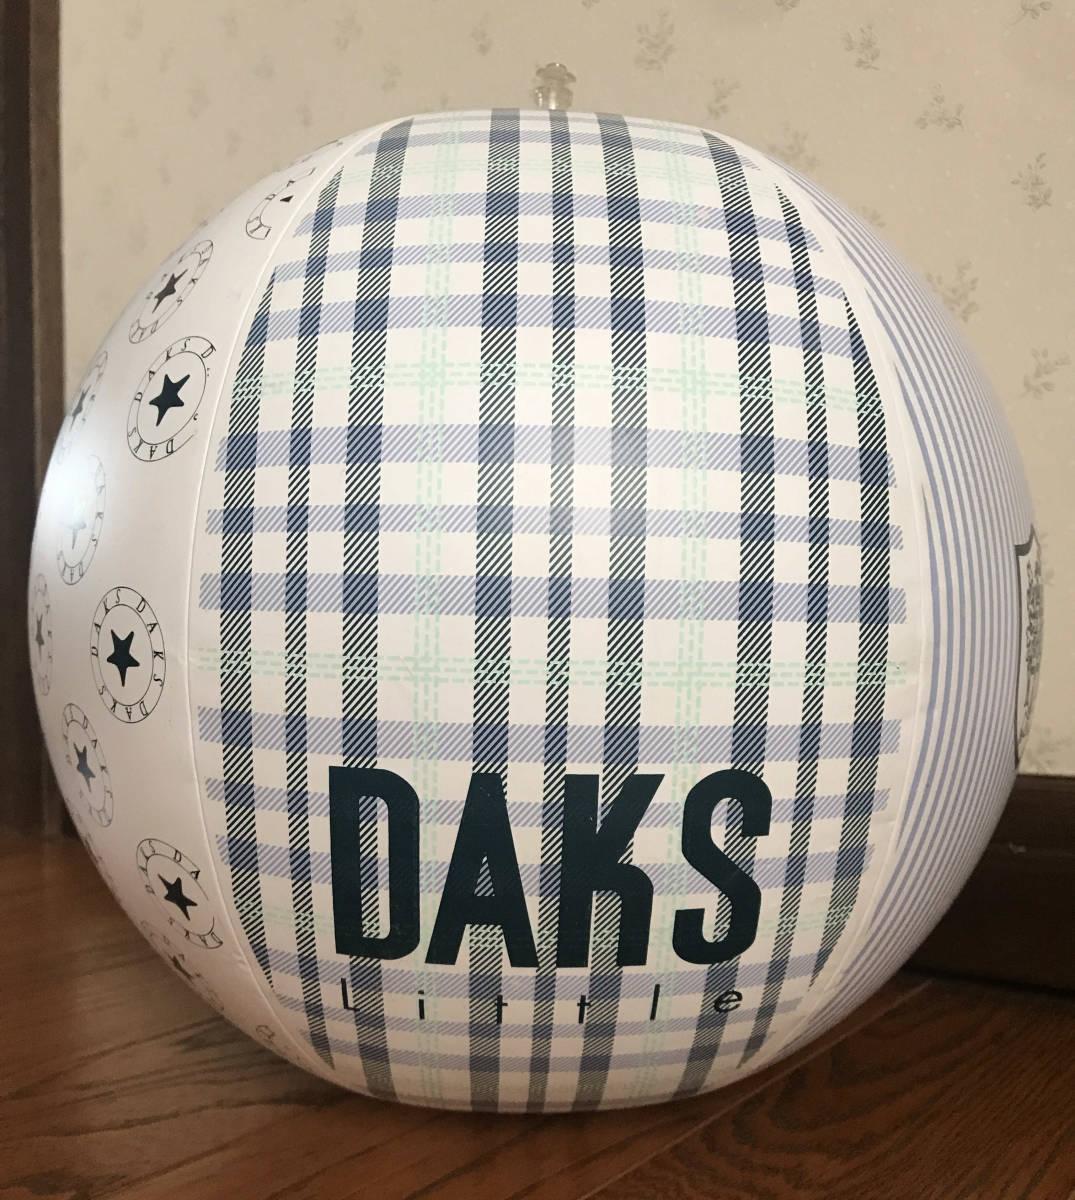 DAKS Little ビーチボール (BURBERRY(バーバリー)、Boden(ボーデン)、Amaia Kids(アマイアキッズ)の流れにある子供服ブランド)